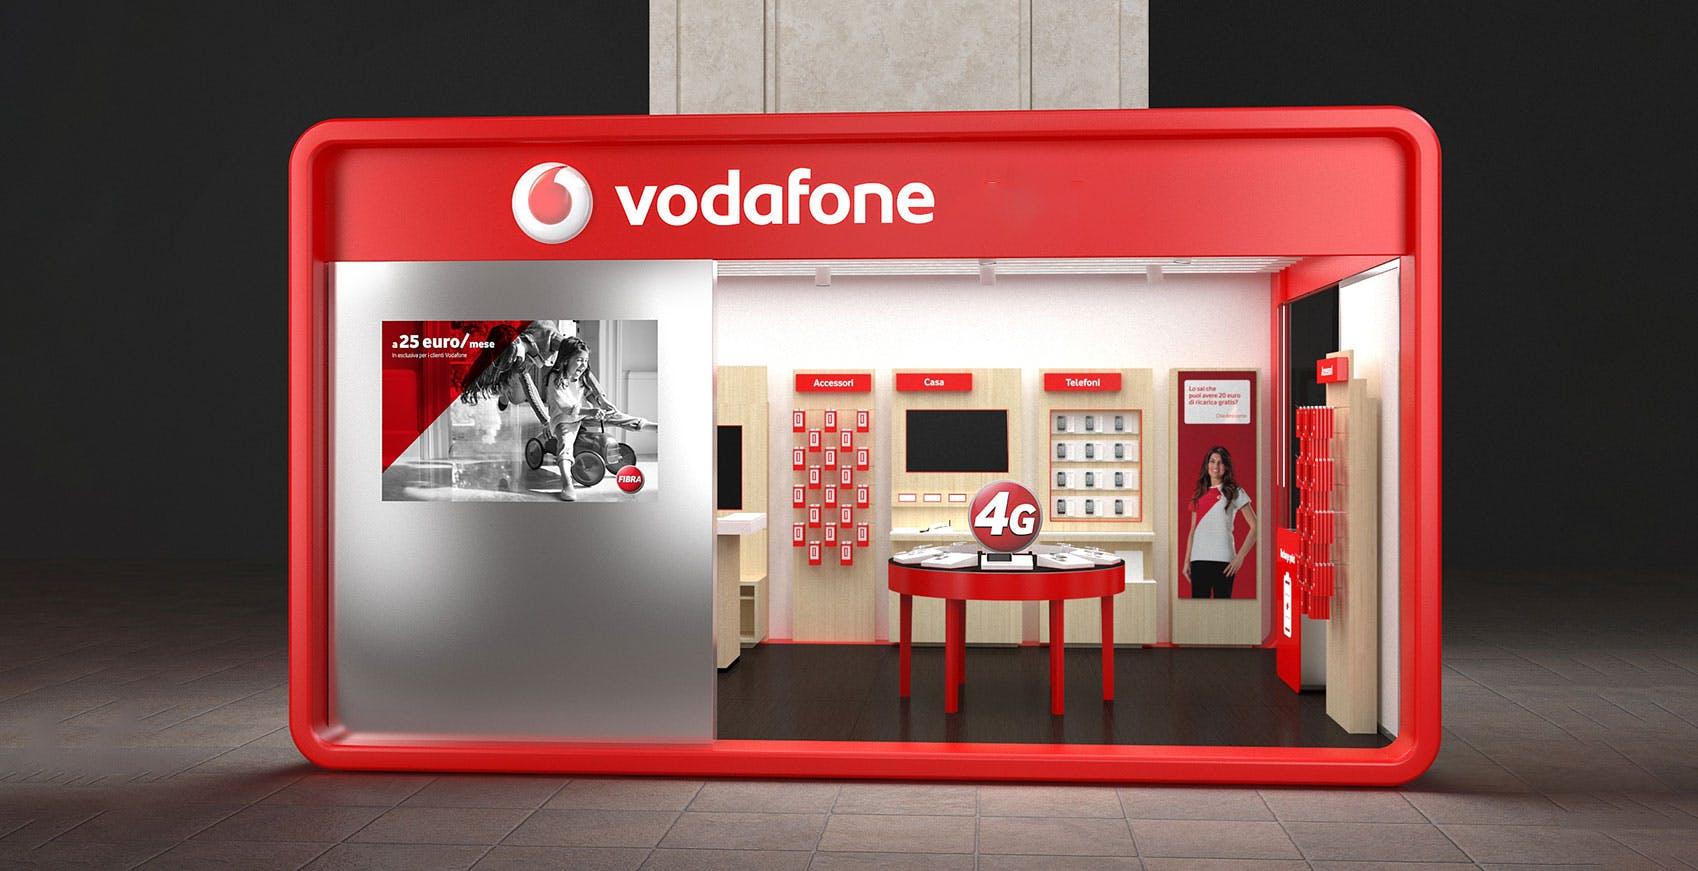 Vodafone, disdetta senza costi su tutte le offerte. Zero vincoli, e zero penali: ecco Open